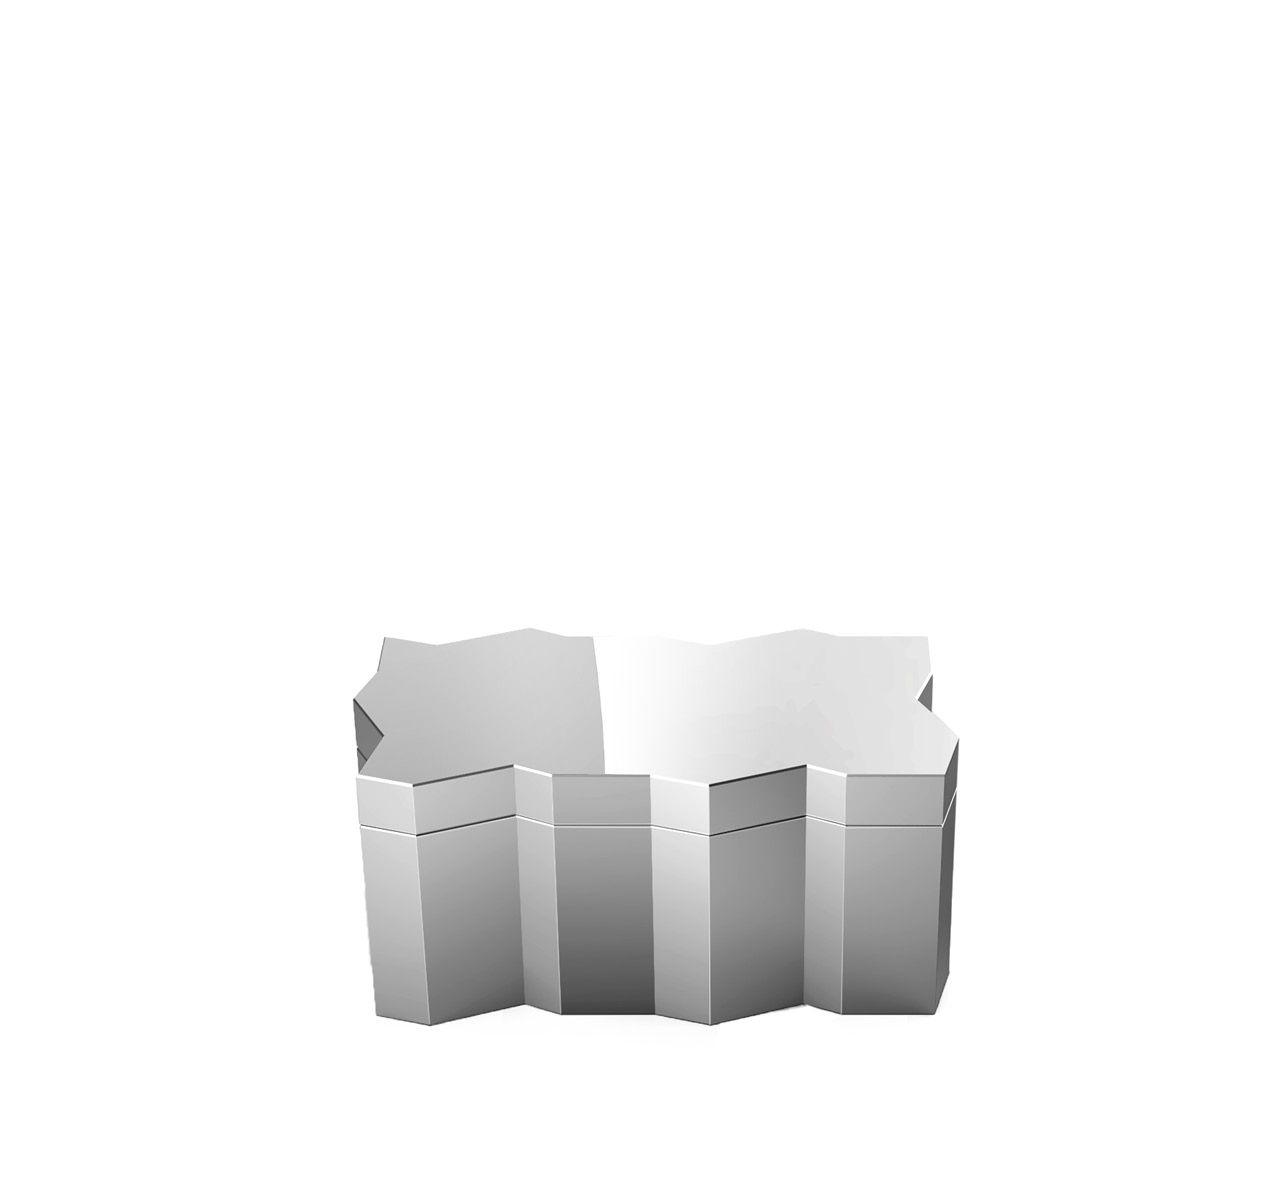 Frammenti Aluminum Box 3 Mirror